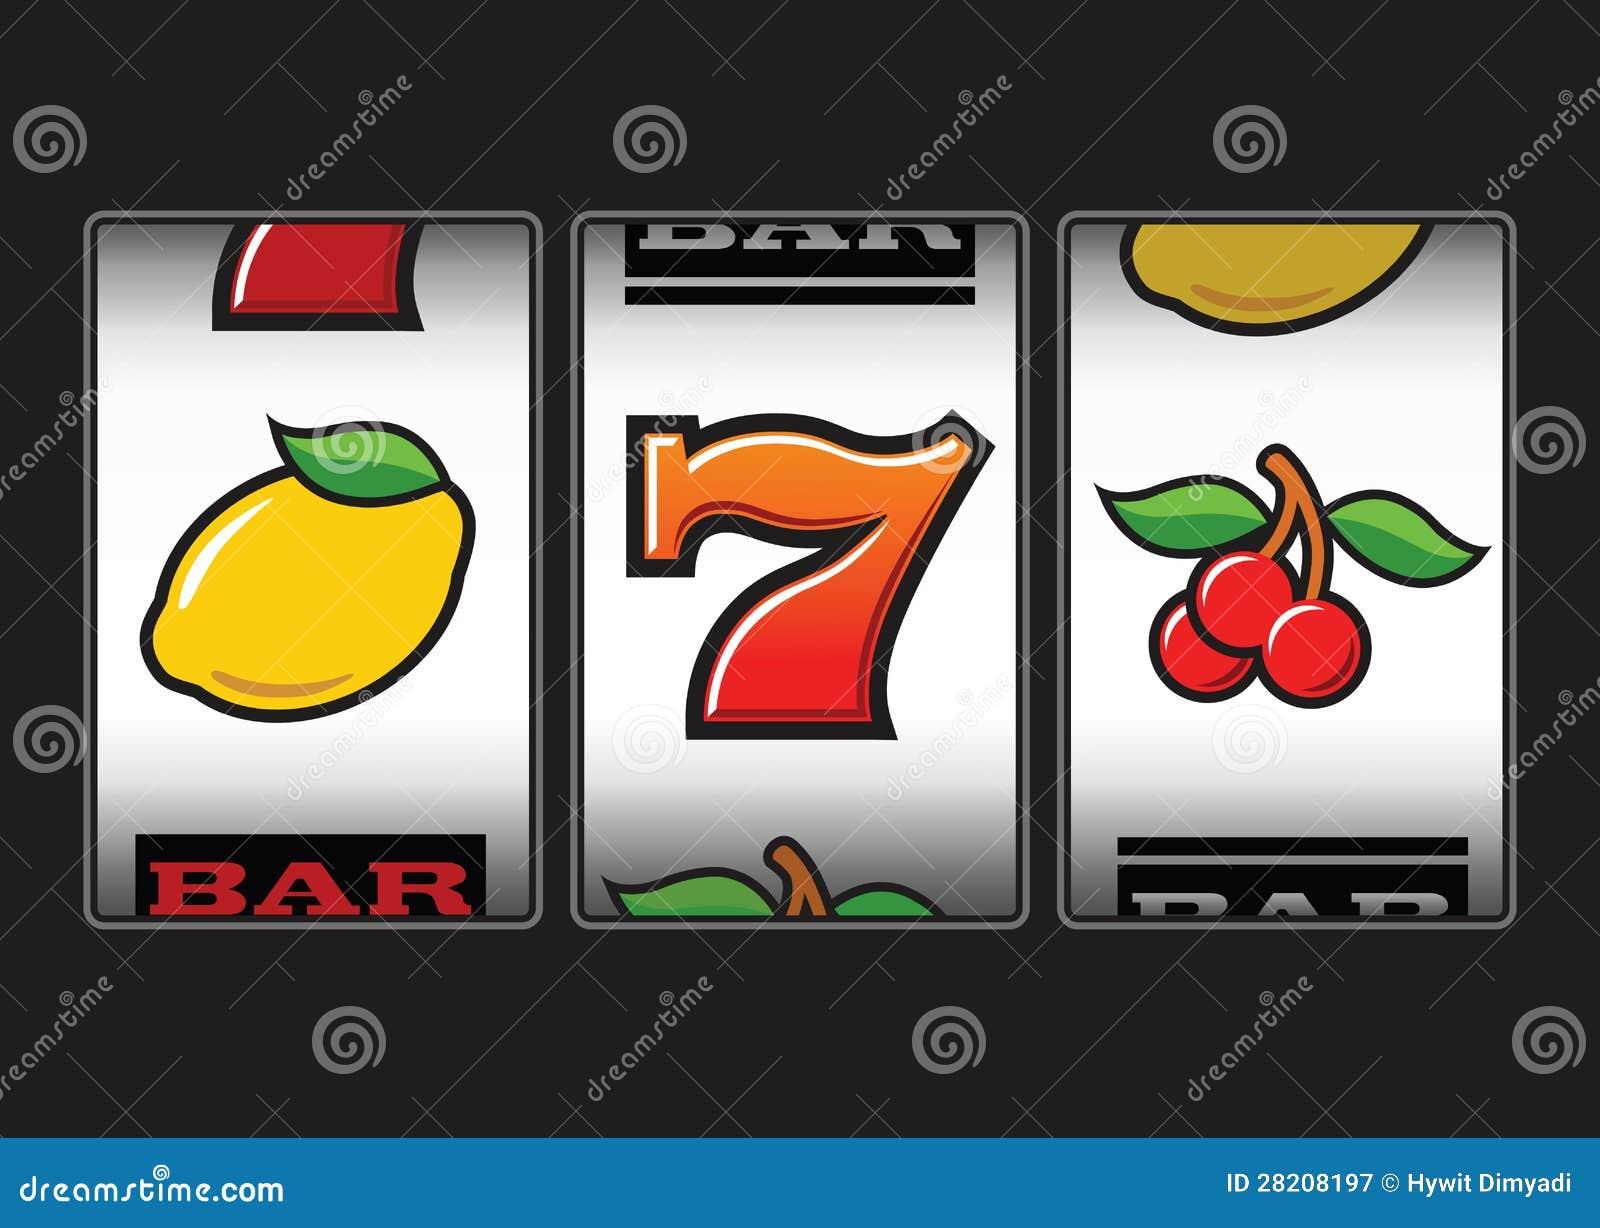 Σύμβολα μηχανημάτων τυχερών παιχνιδιών με κέρματα